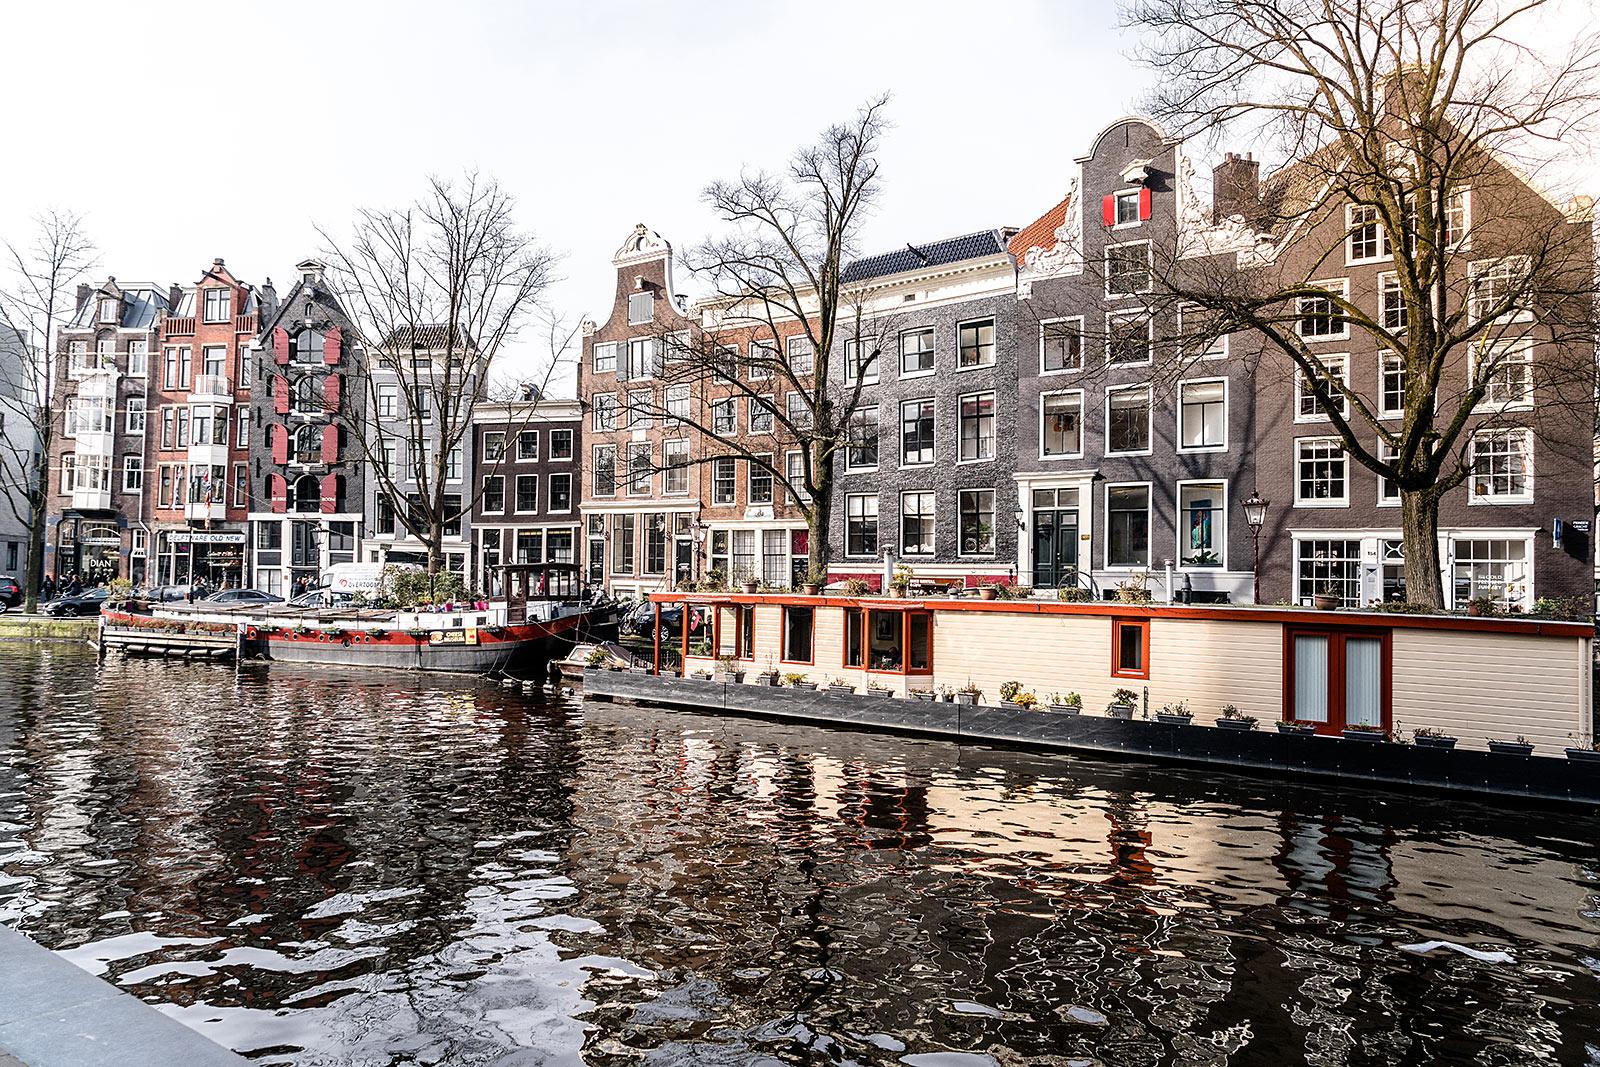 amsterdam grachten travel guide blog sunnyinga